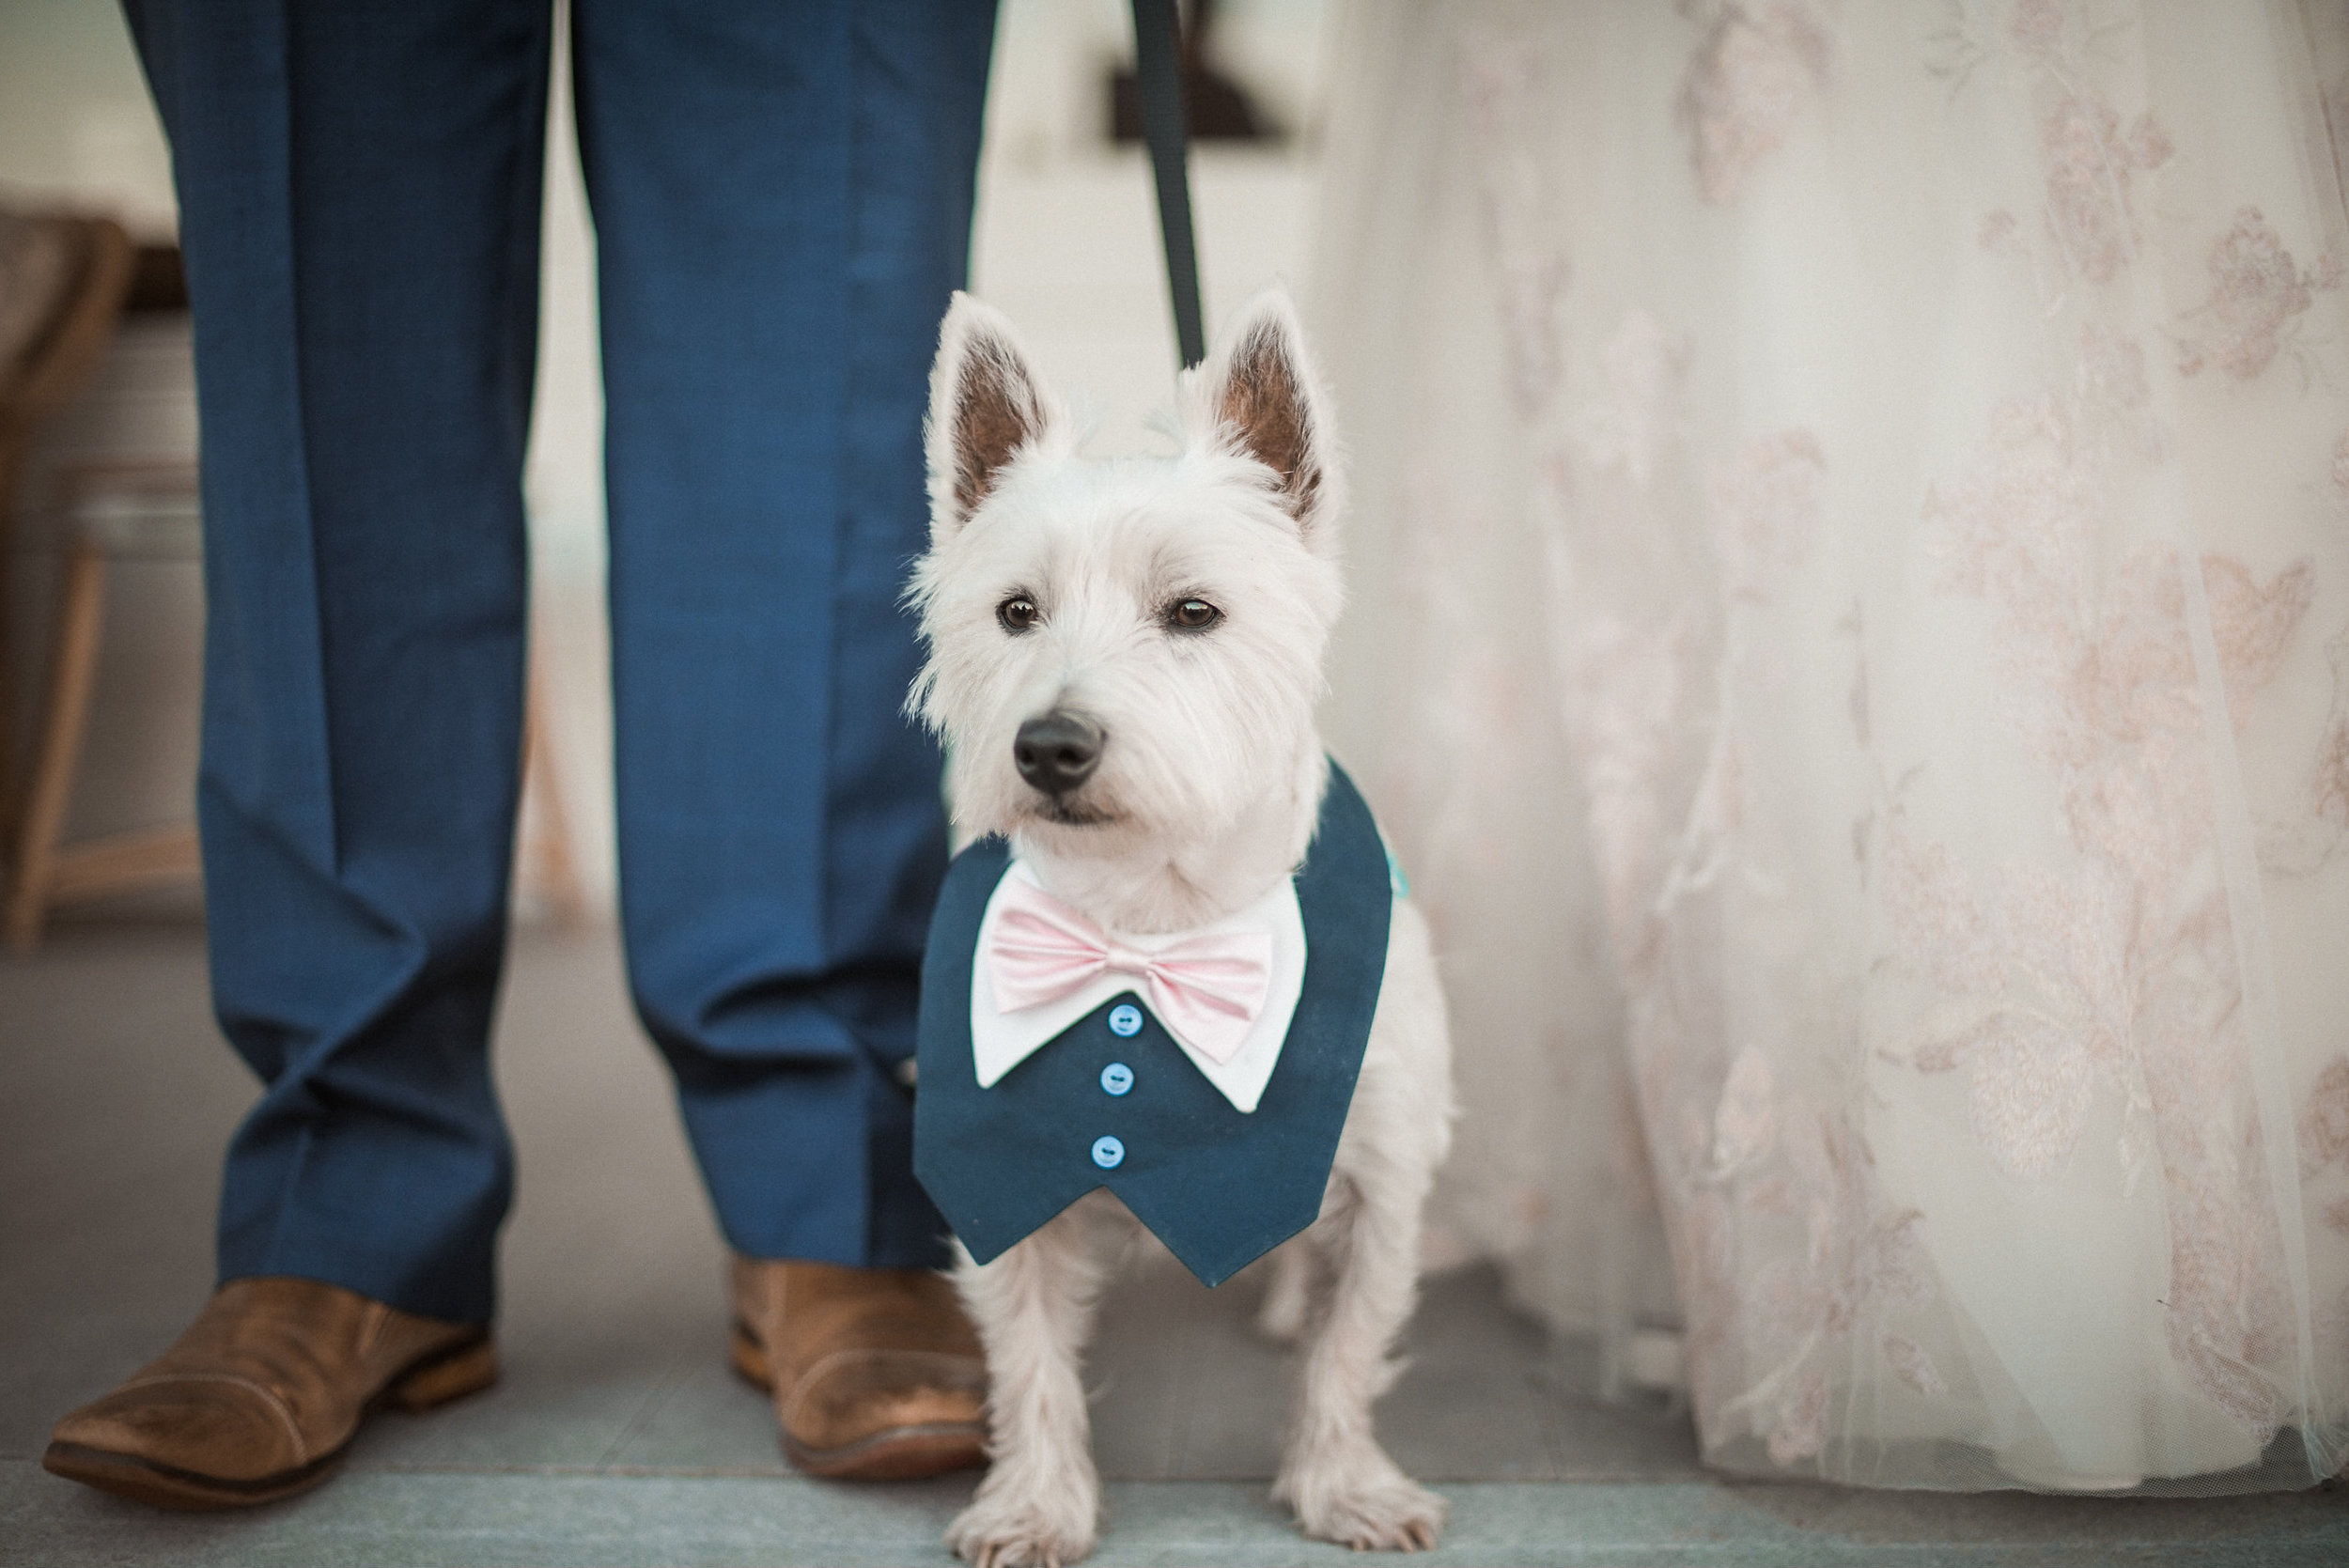 Dog standing between bride and groom